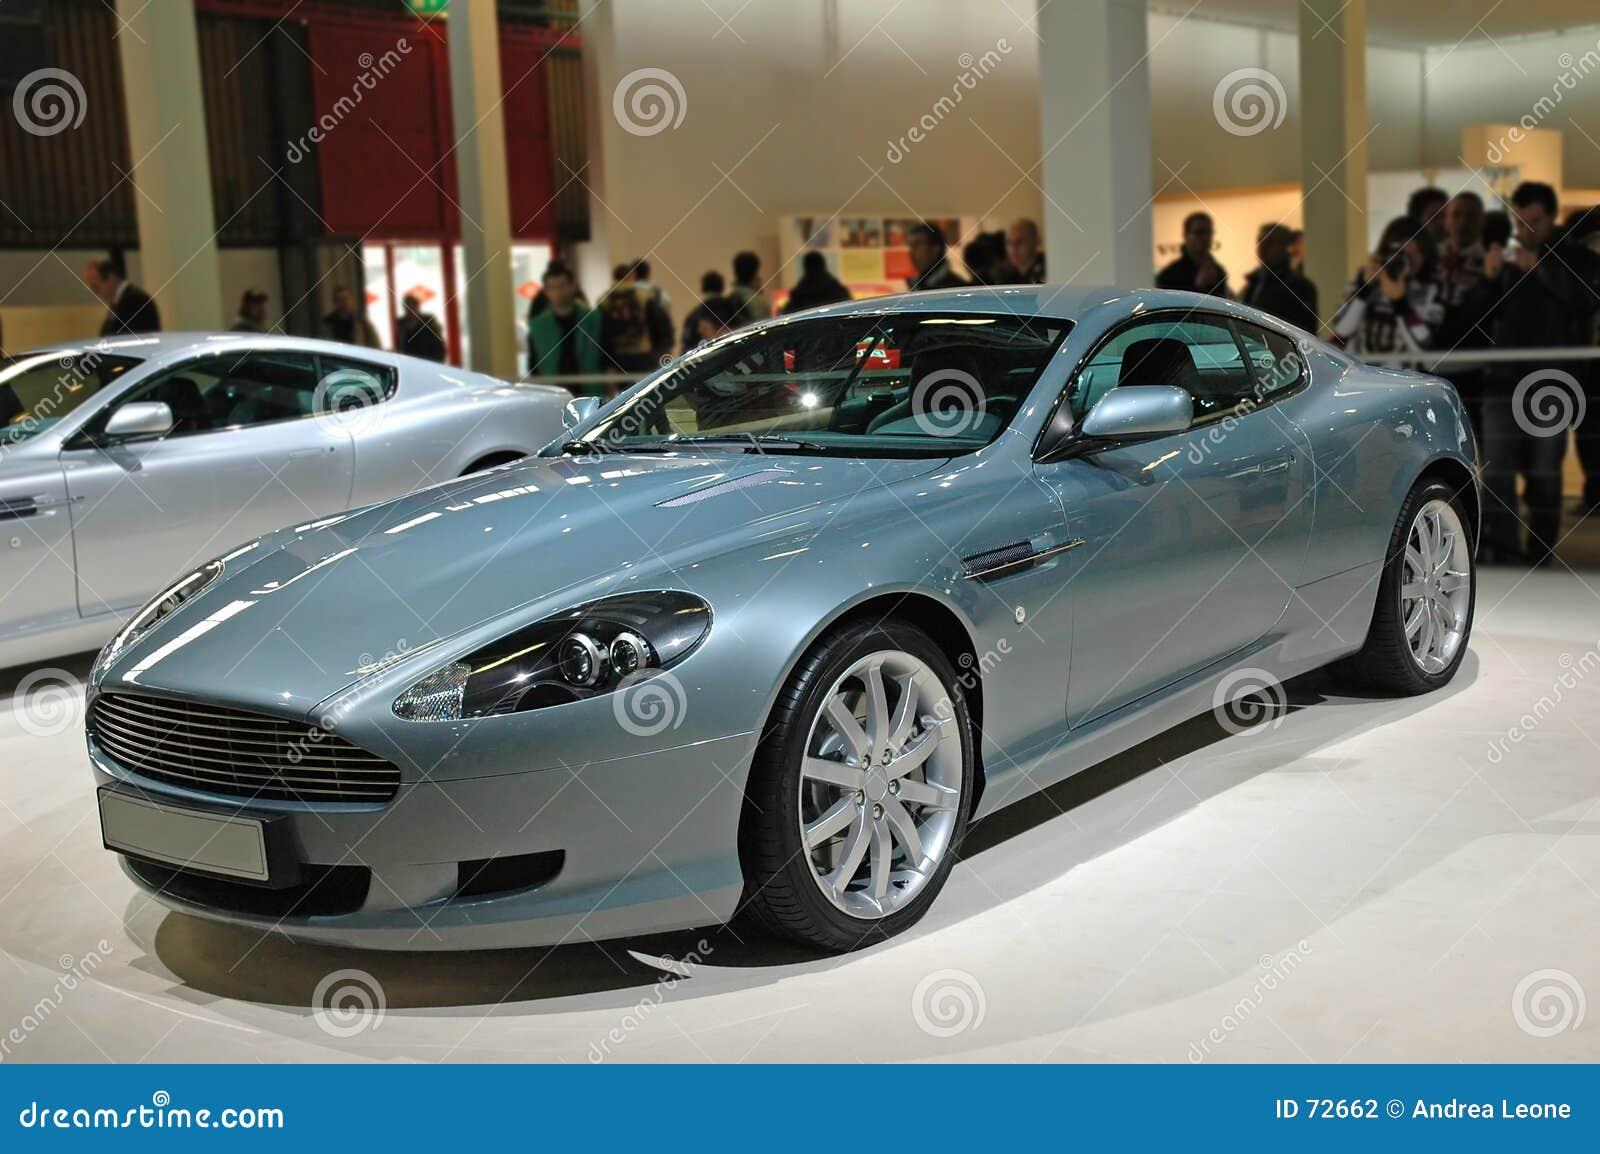 Car gray ii sport